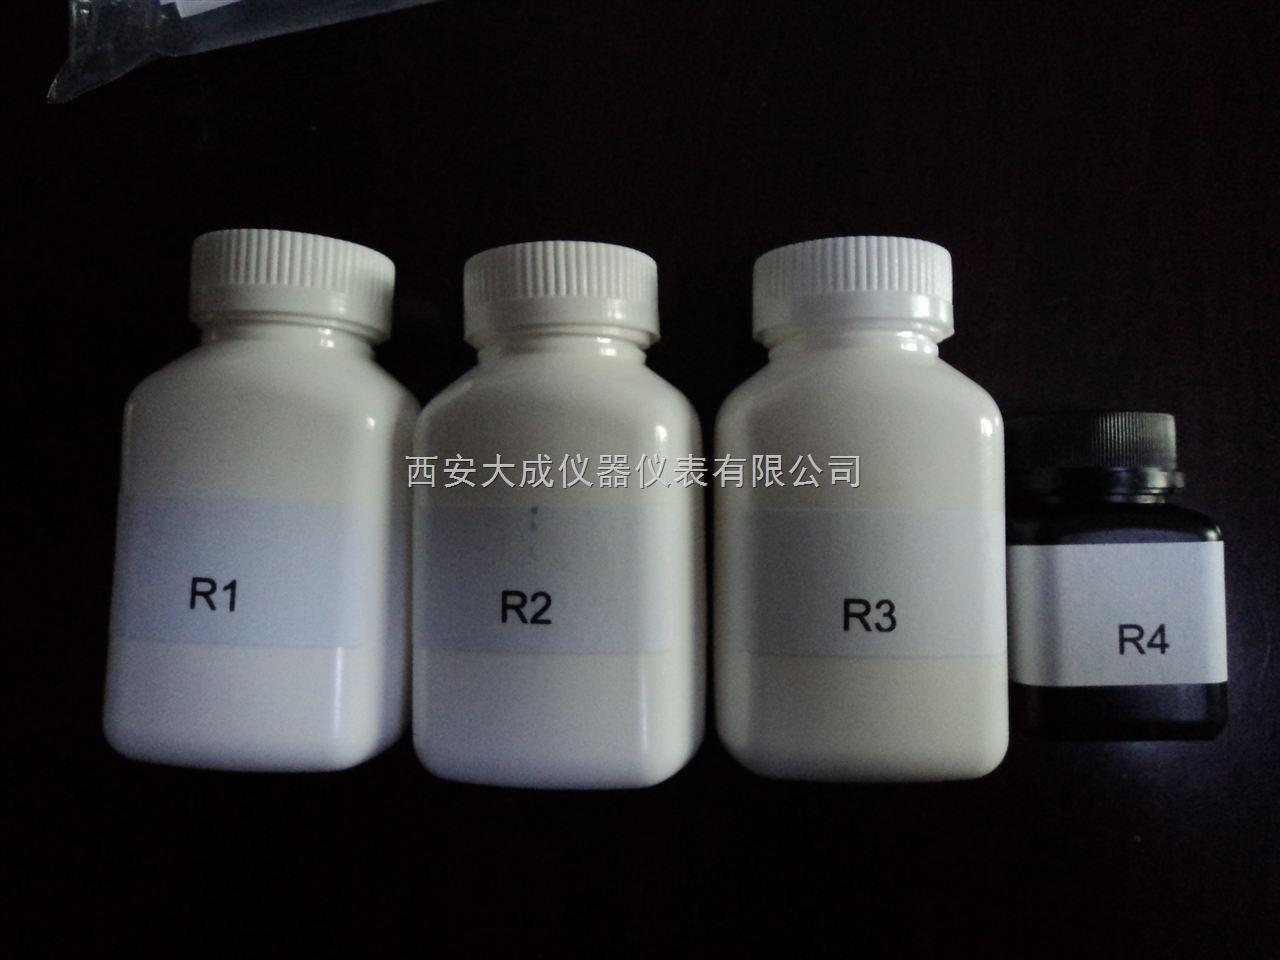 硅表試劑DC-S-1234硅表化學試劑